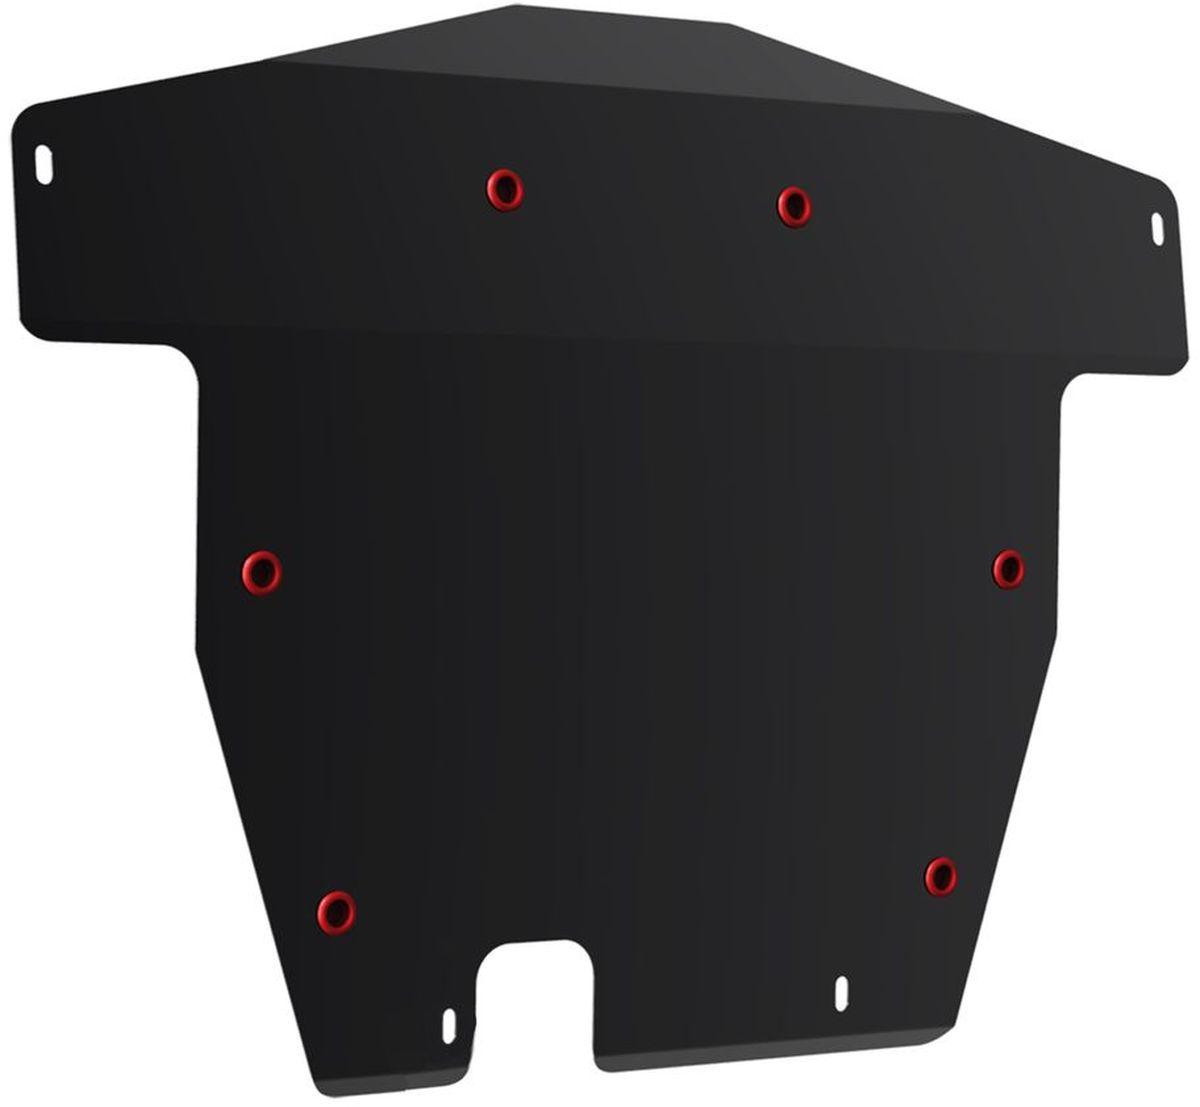 Защита картера и КПП Автоброня, для Honda Accord VII. 111.02117.1111.02117.1Технологически совершенный продукт за невысокую стоимость. Защита разработана с учетом особенностей днища автомобиля, что позволяет сохранить дорожный просвет с минимальным изменением. Защита устанавливается в штатные места кузова автомобиля. Глубокий штамп обеспечивает до двух раз больше жесткости в сравнении с обычной защитой той же толщины. Проштампованные ребра жесткости препятствуют деформации защиты при ударах. Тепловой зазор и вентиляционные отверстия обеспечивают сохранение температурного режима двигателя в норме. Скрытый крепеж предотвращает срыв крепежных элементов при наезде на препятствие. Шумопоглощающие резиновые элементы обеспечивают комфортную езду без вибраций и скрежета металла, а съемные лючки для слива масла и замены фильтра - экономию средств и время. Конструкция изделия не влияет на пассивную безопасность автомобиля (при ударе защита не воздействует на деформационные зоны кузова). Со штатным крепежом. В комплекте инструкция по...